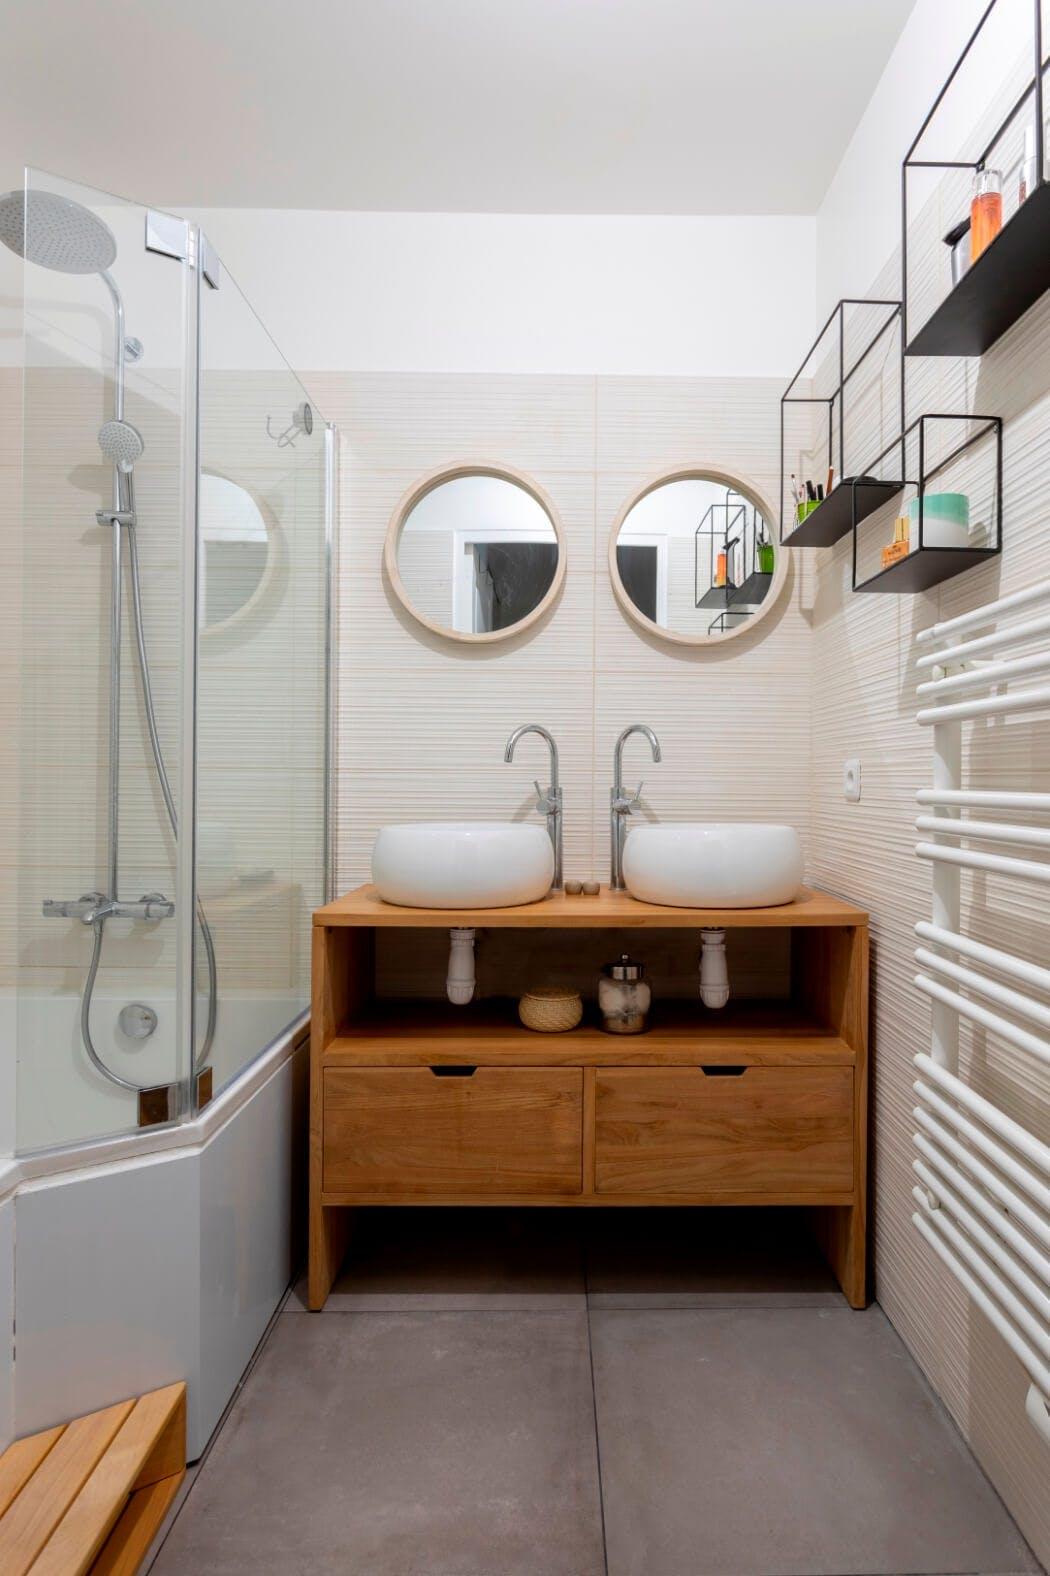 Rénovation de salle de bain dans un style naturel avec dalles de béton au sol et meuble sous vasque en bois